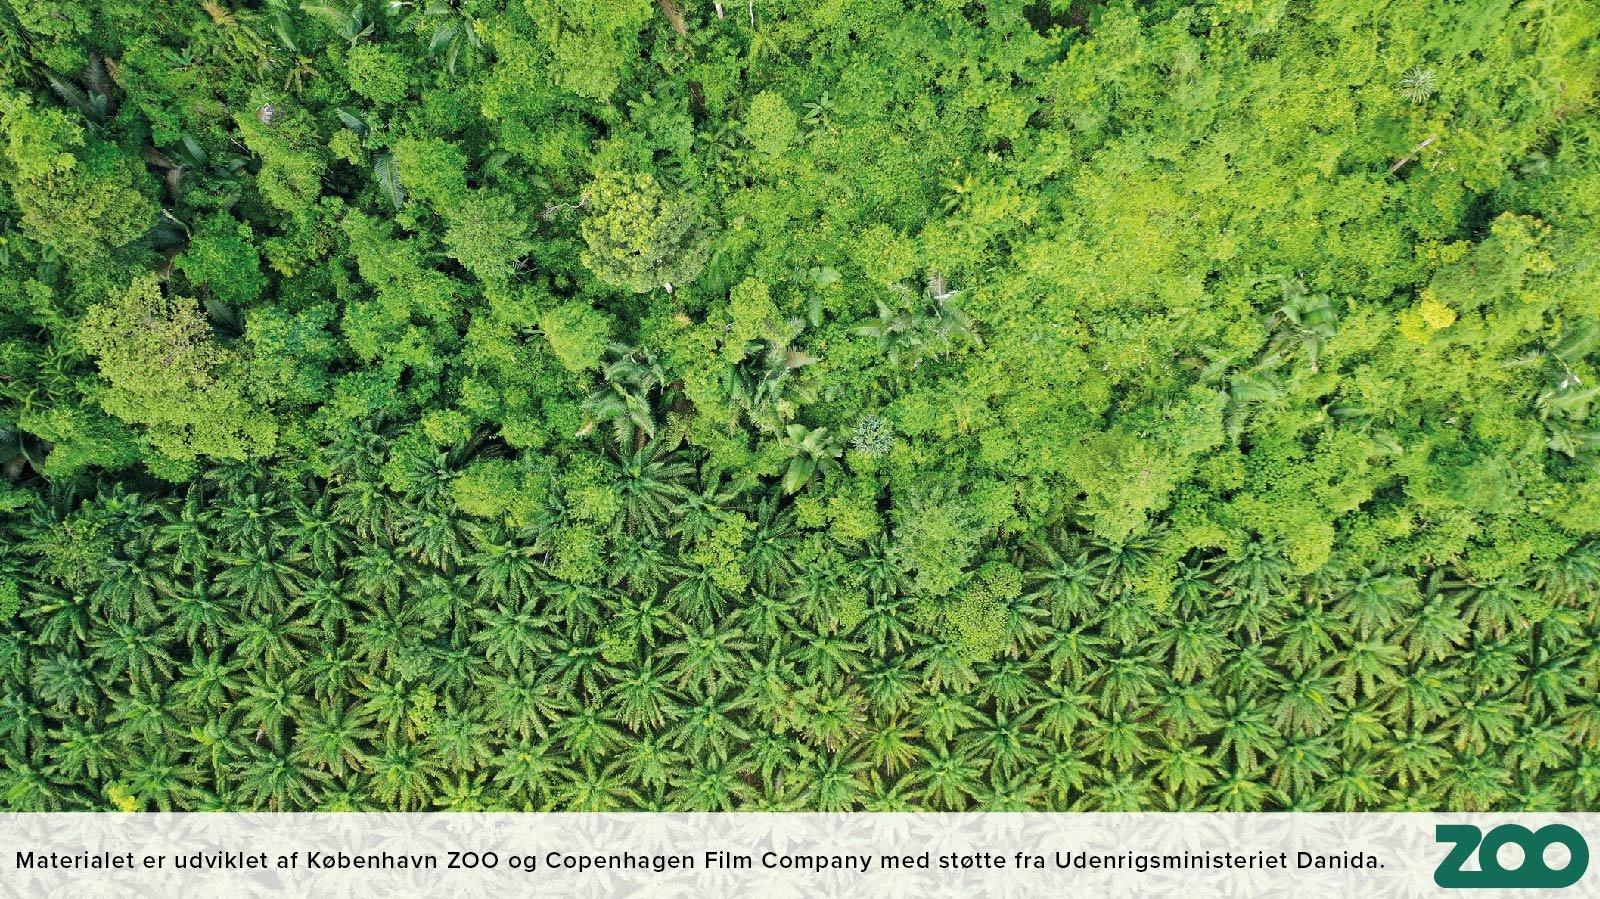 Palmeolie dyrkes på områder, hvor der tidligere var regnskov.